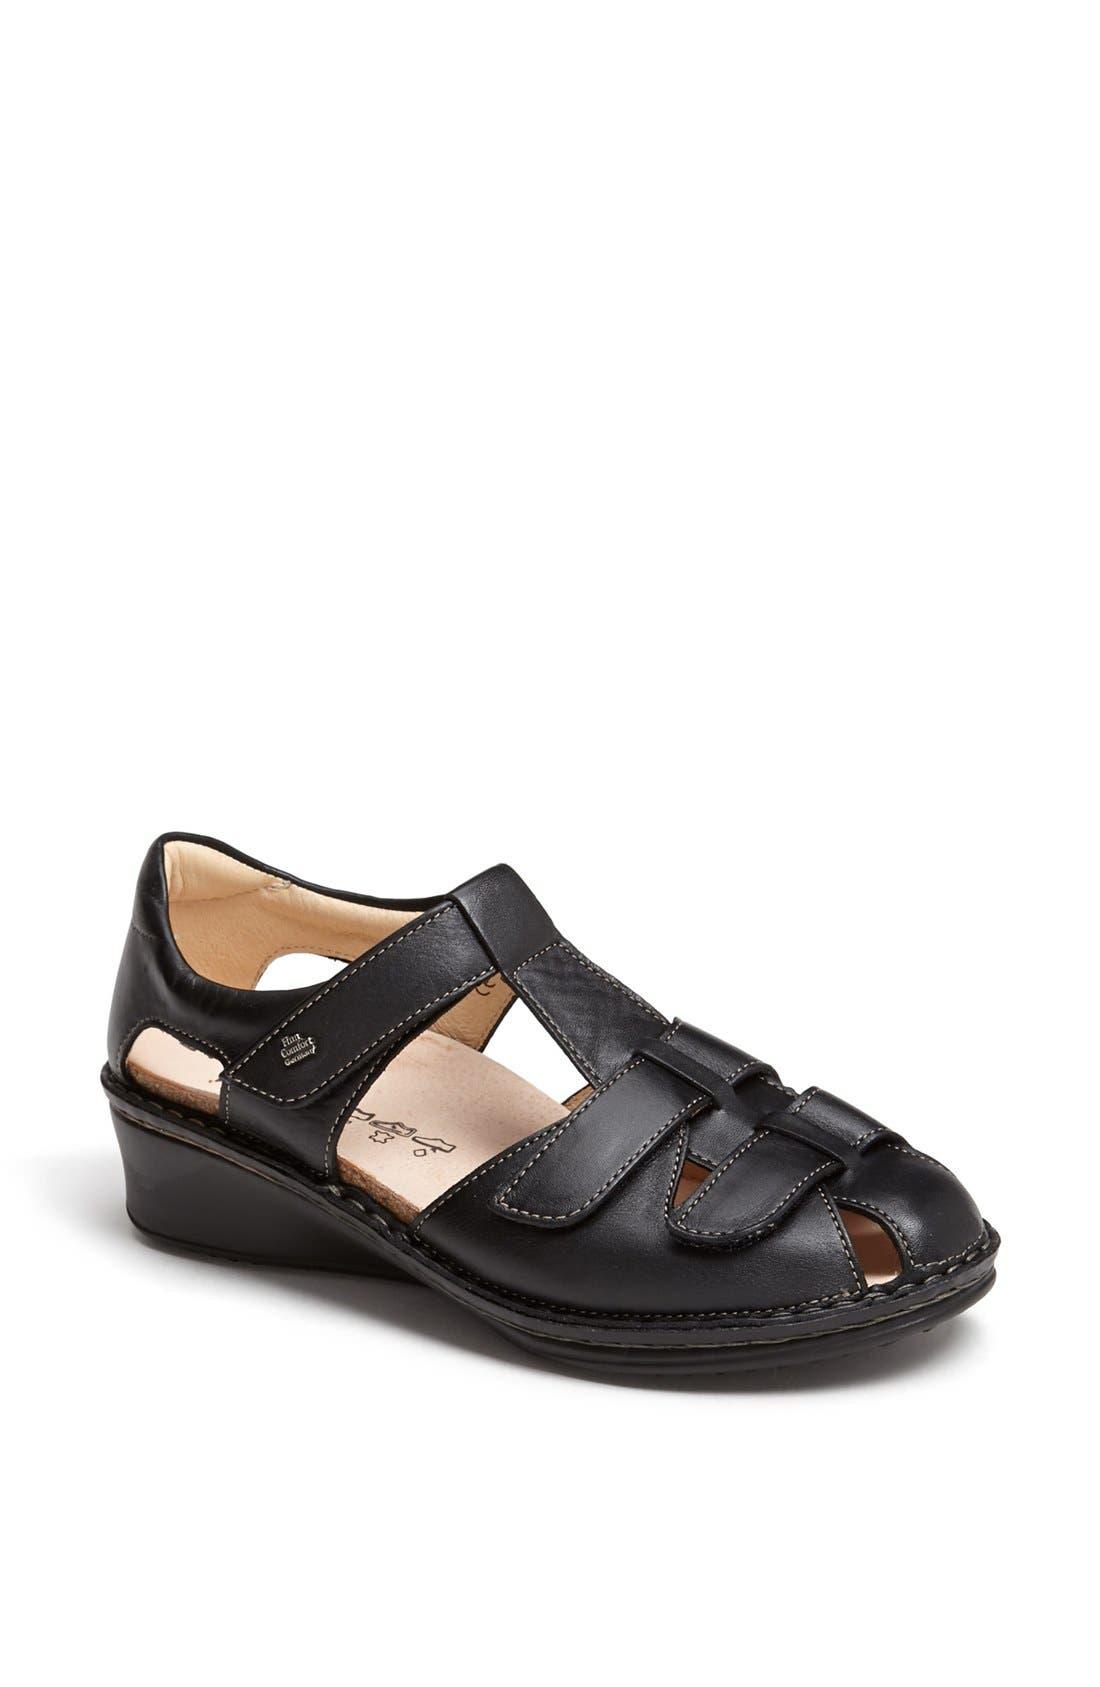 Alternate Image 1 Selected - Finn Comfort 'Funnen' Sandal